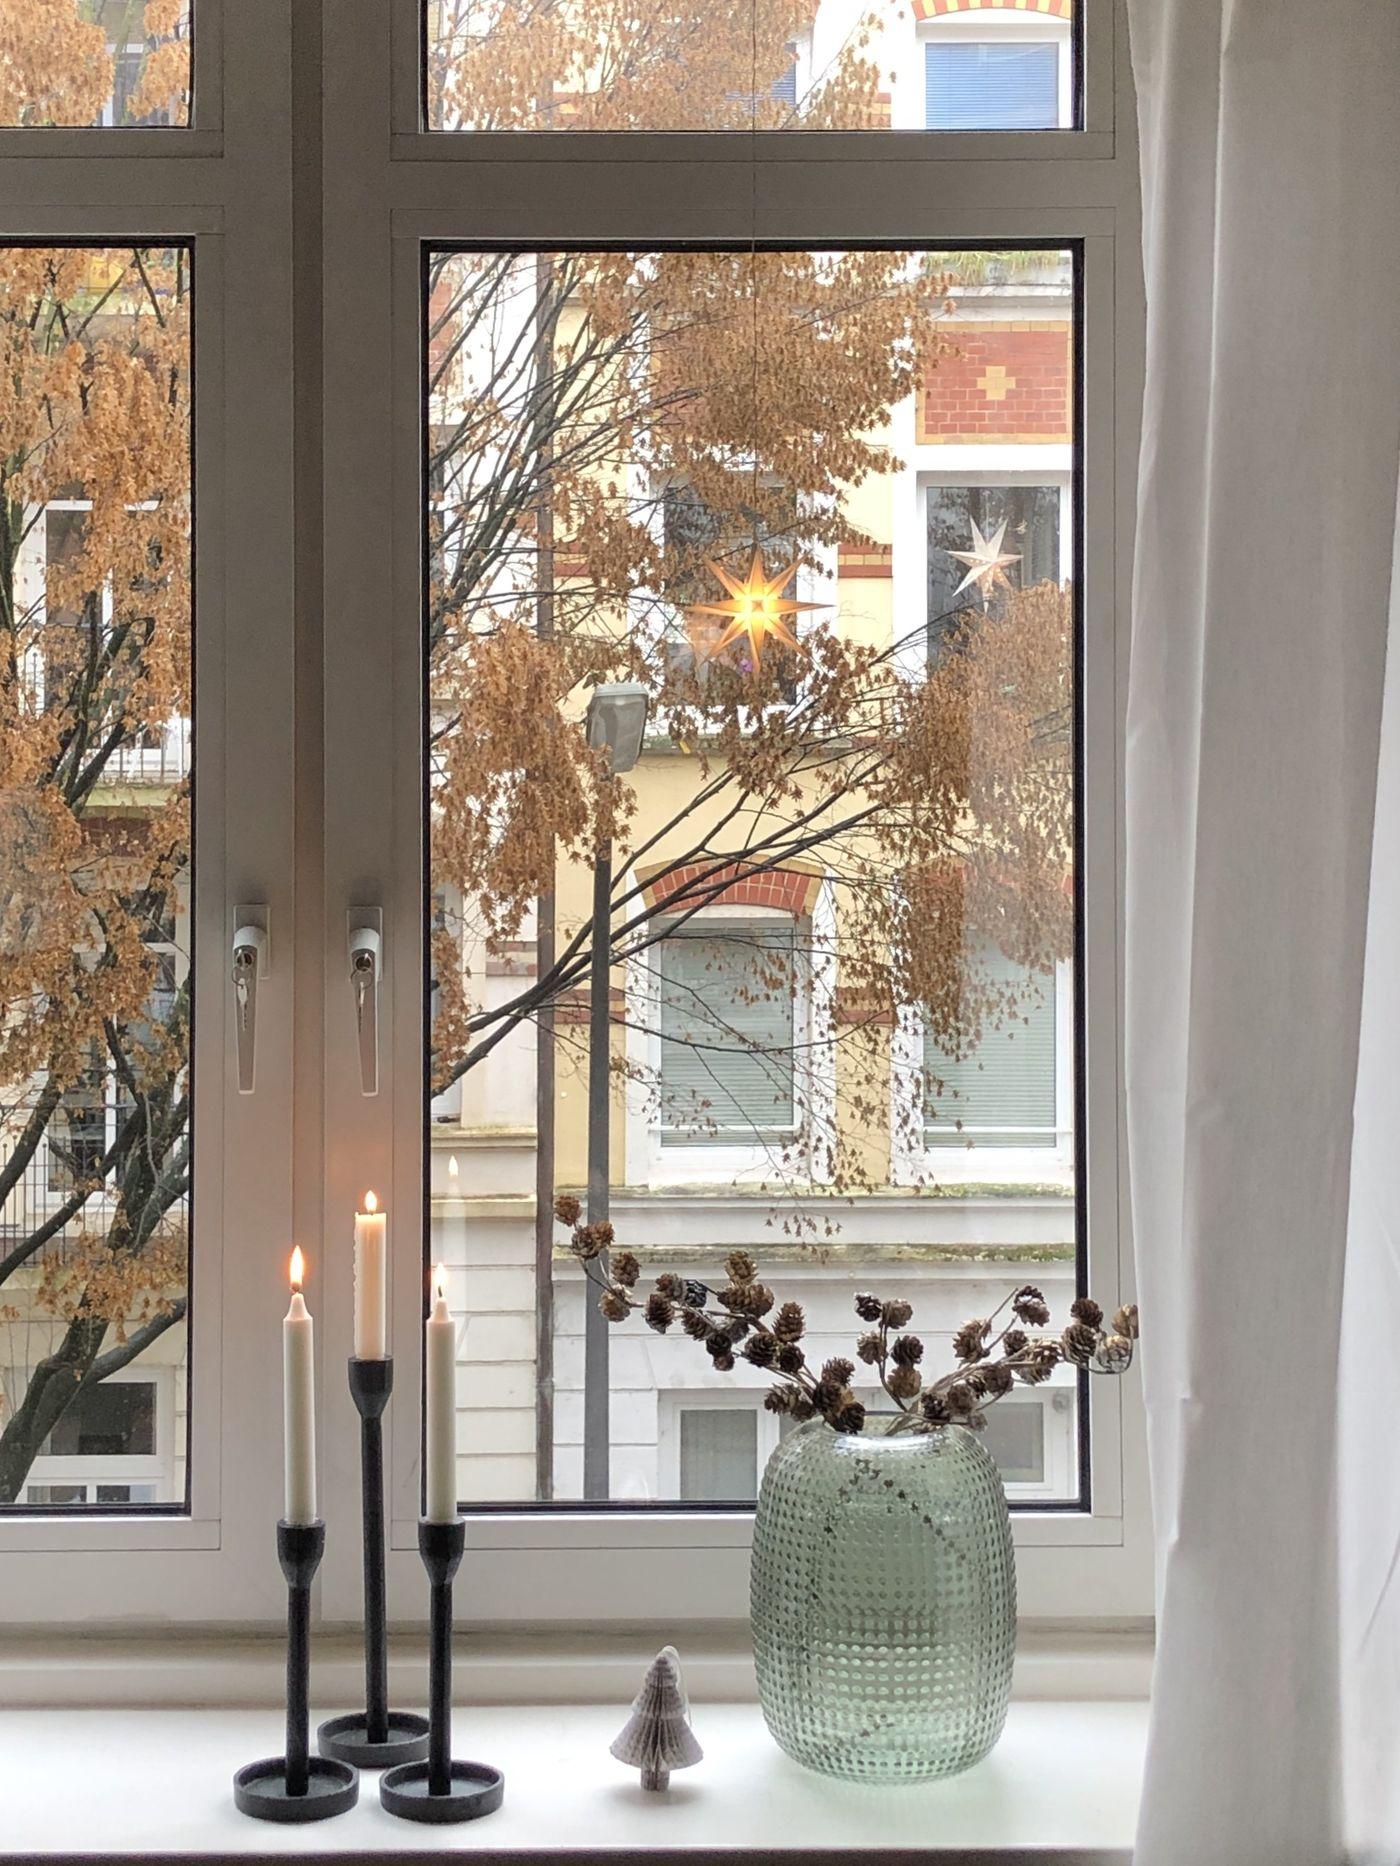 Full Size of Landhausstil Küchenfenster Gardinen Für Schlafzimmer Bad Küche Fenster Wohnzimmer Sofa Betten Bett Regal Wohnzimmer Landhausstil Küchenfenster Gardinen